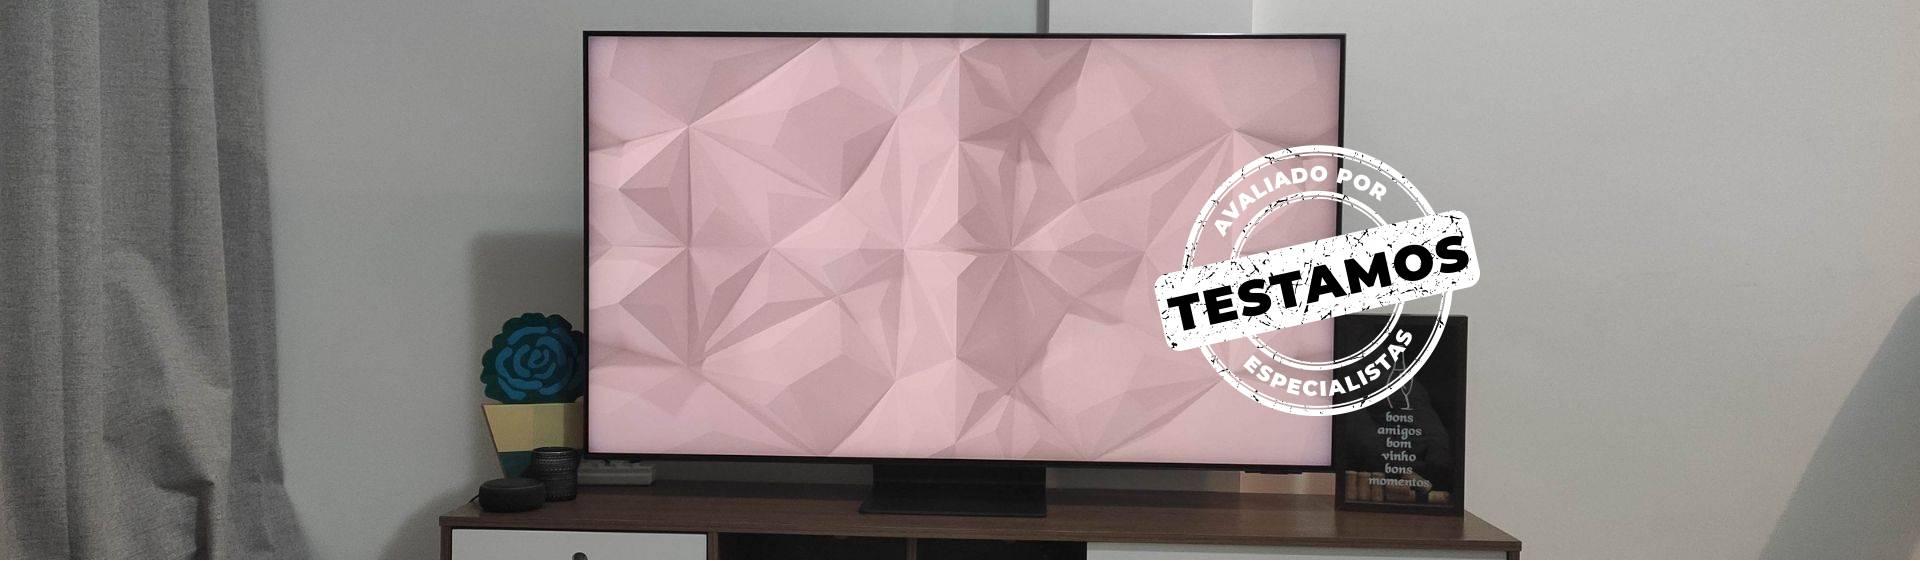 Smart TV Samsung QN90A em cima de um rack em Modo Ambiente. A parede ao fundo é branca.